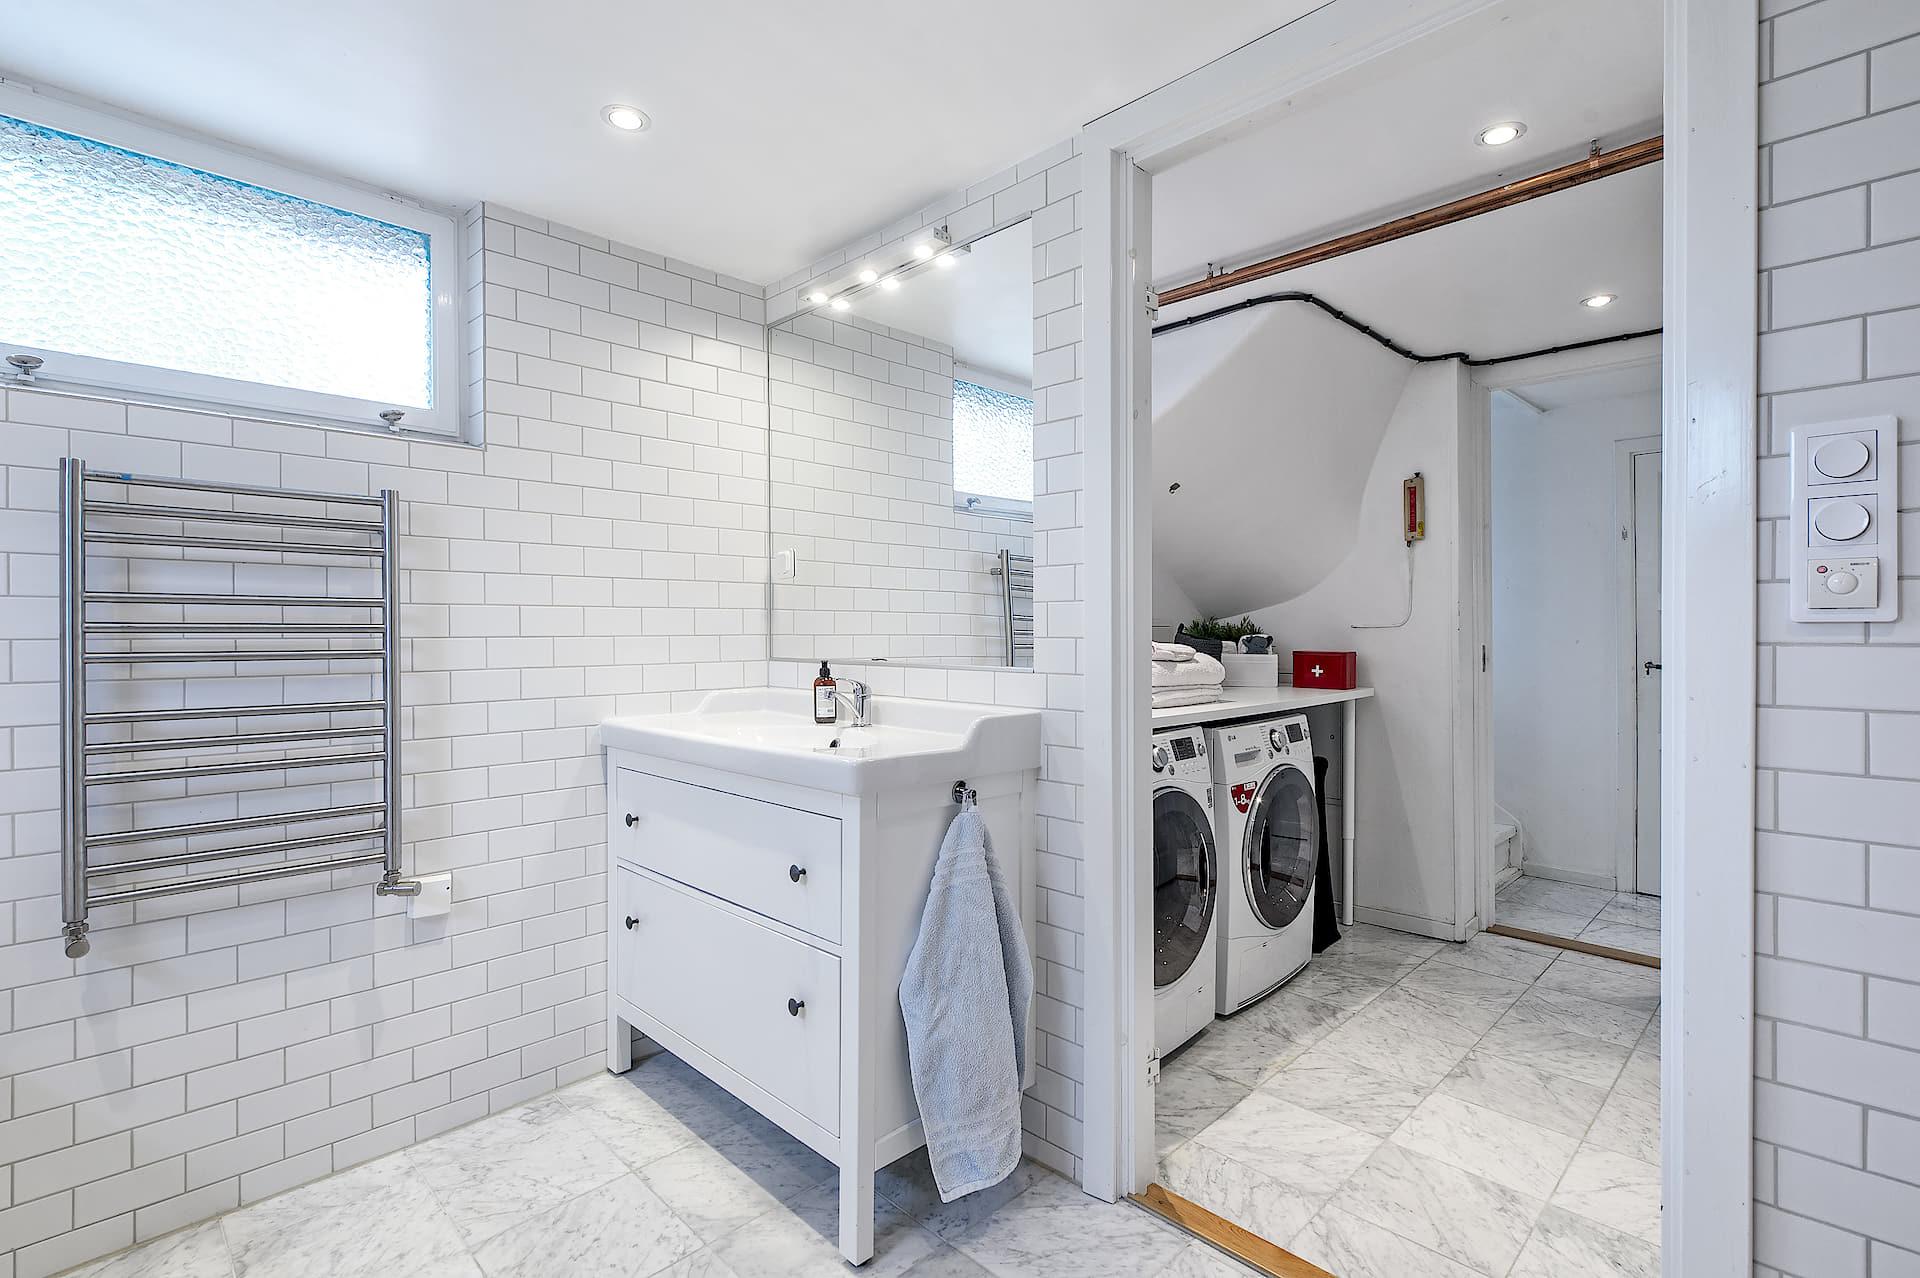 ванная комната раковина комод зеркало полотенцесушитель стиральная сушильная машина